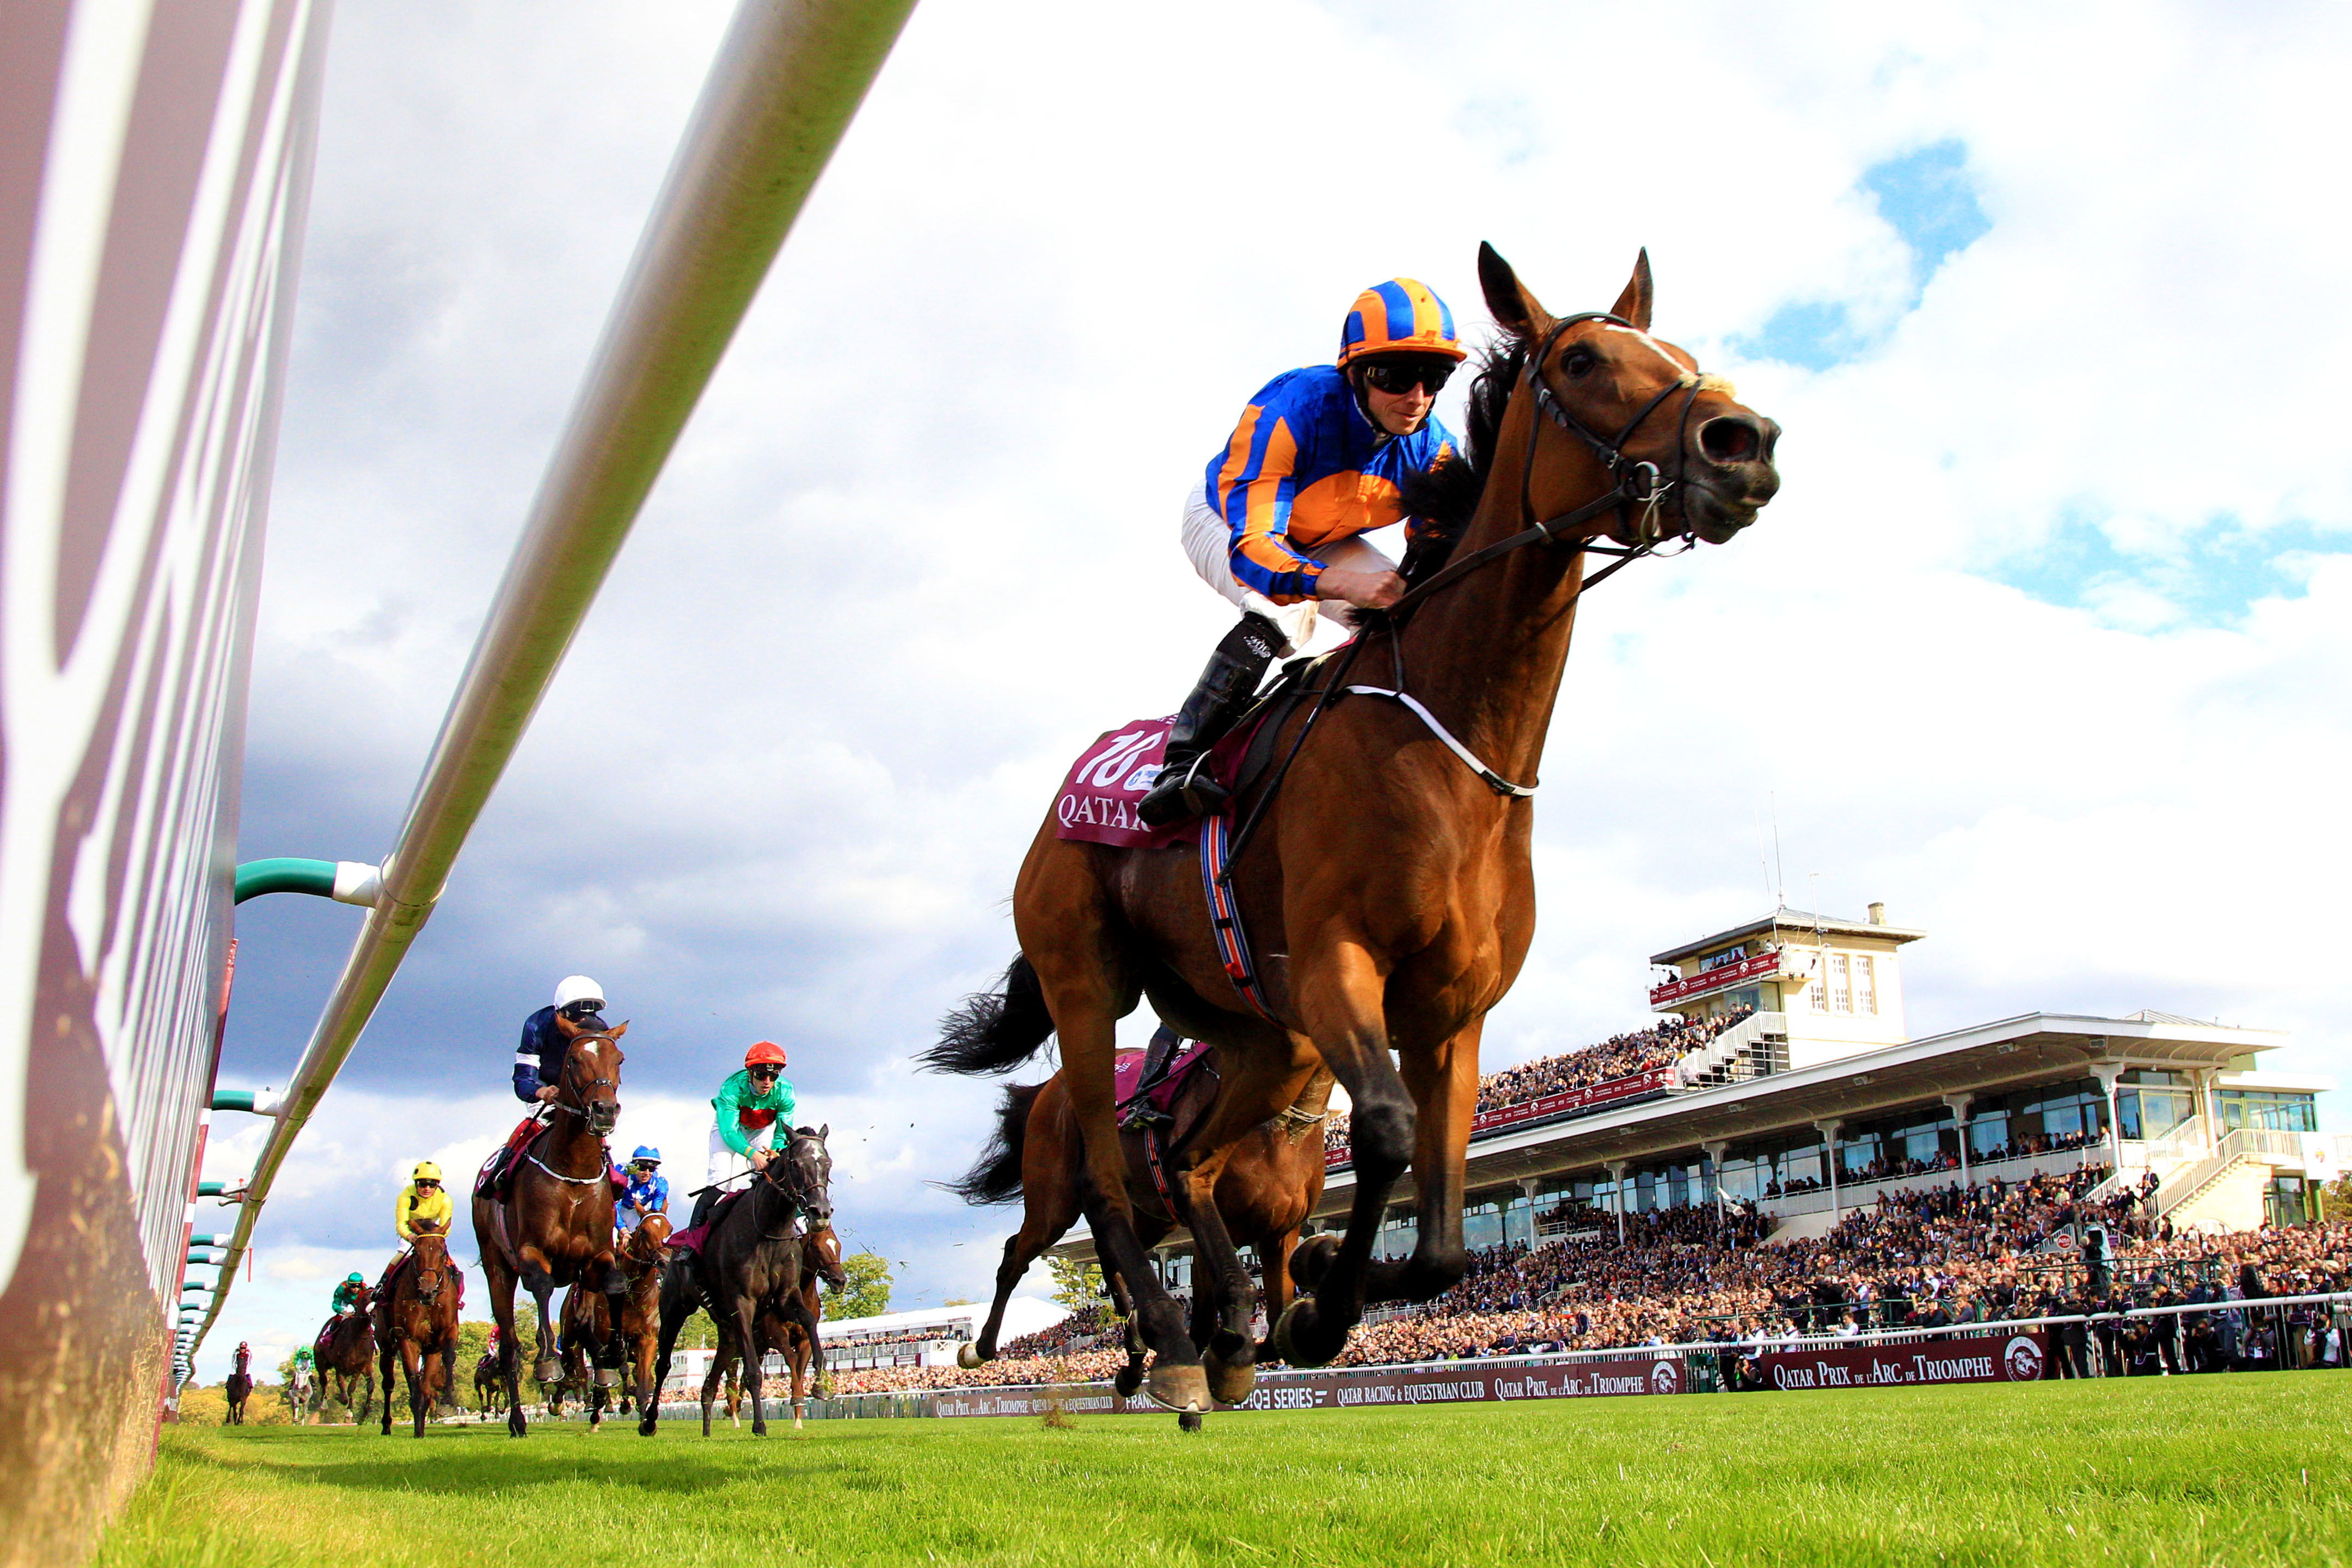 Qatar Prix de l'Arc de Triomphe: l'Irlandaise Found crée la surprise et remporte l'Arc!